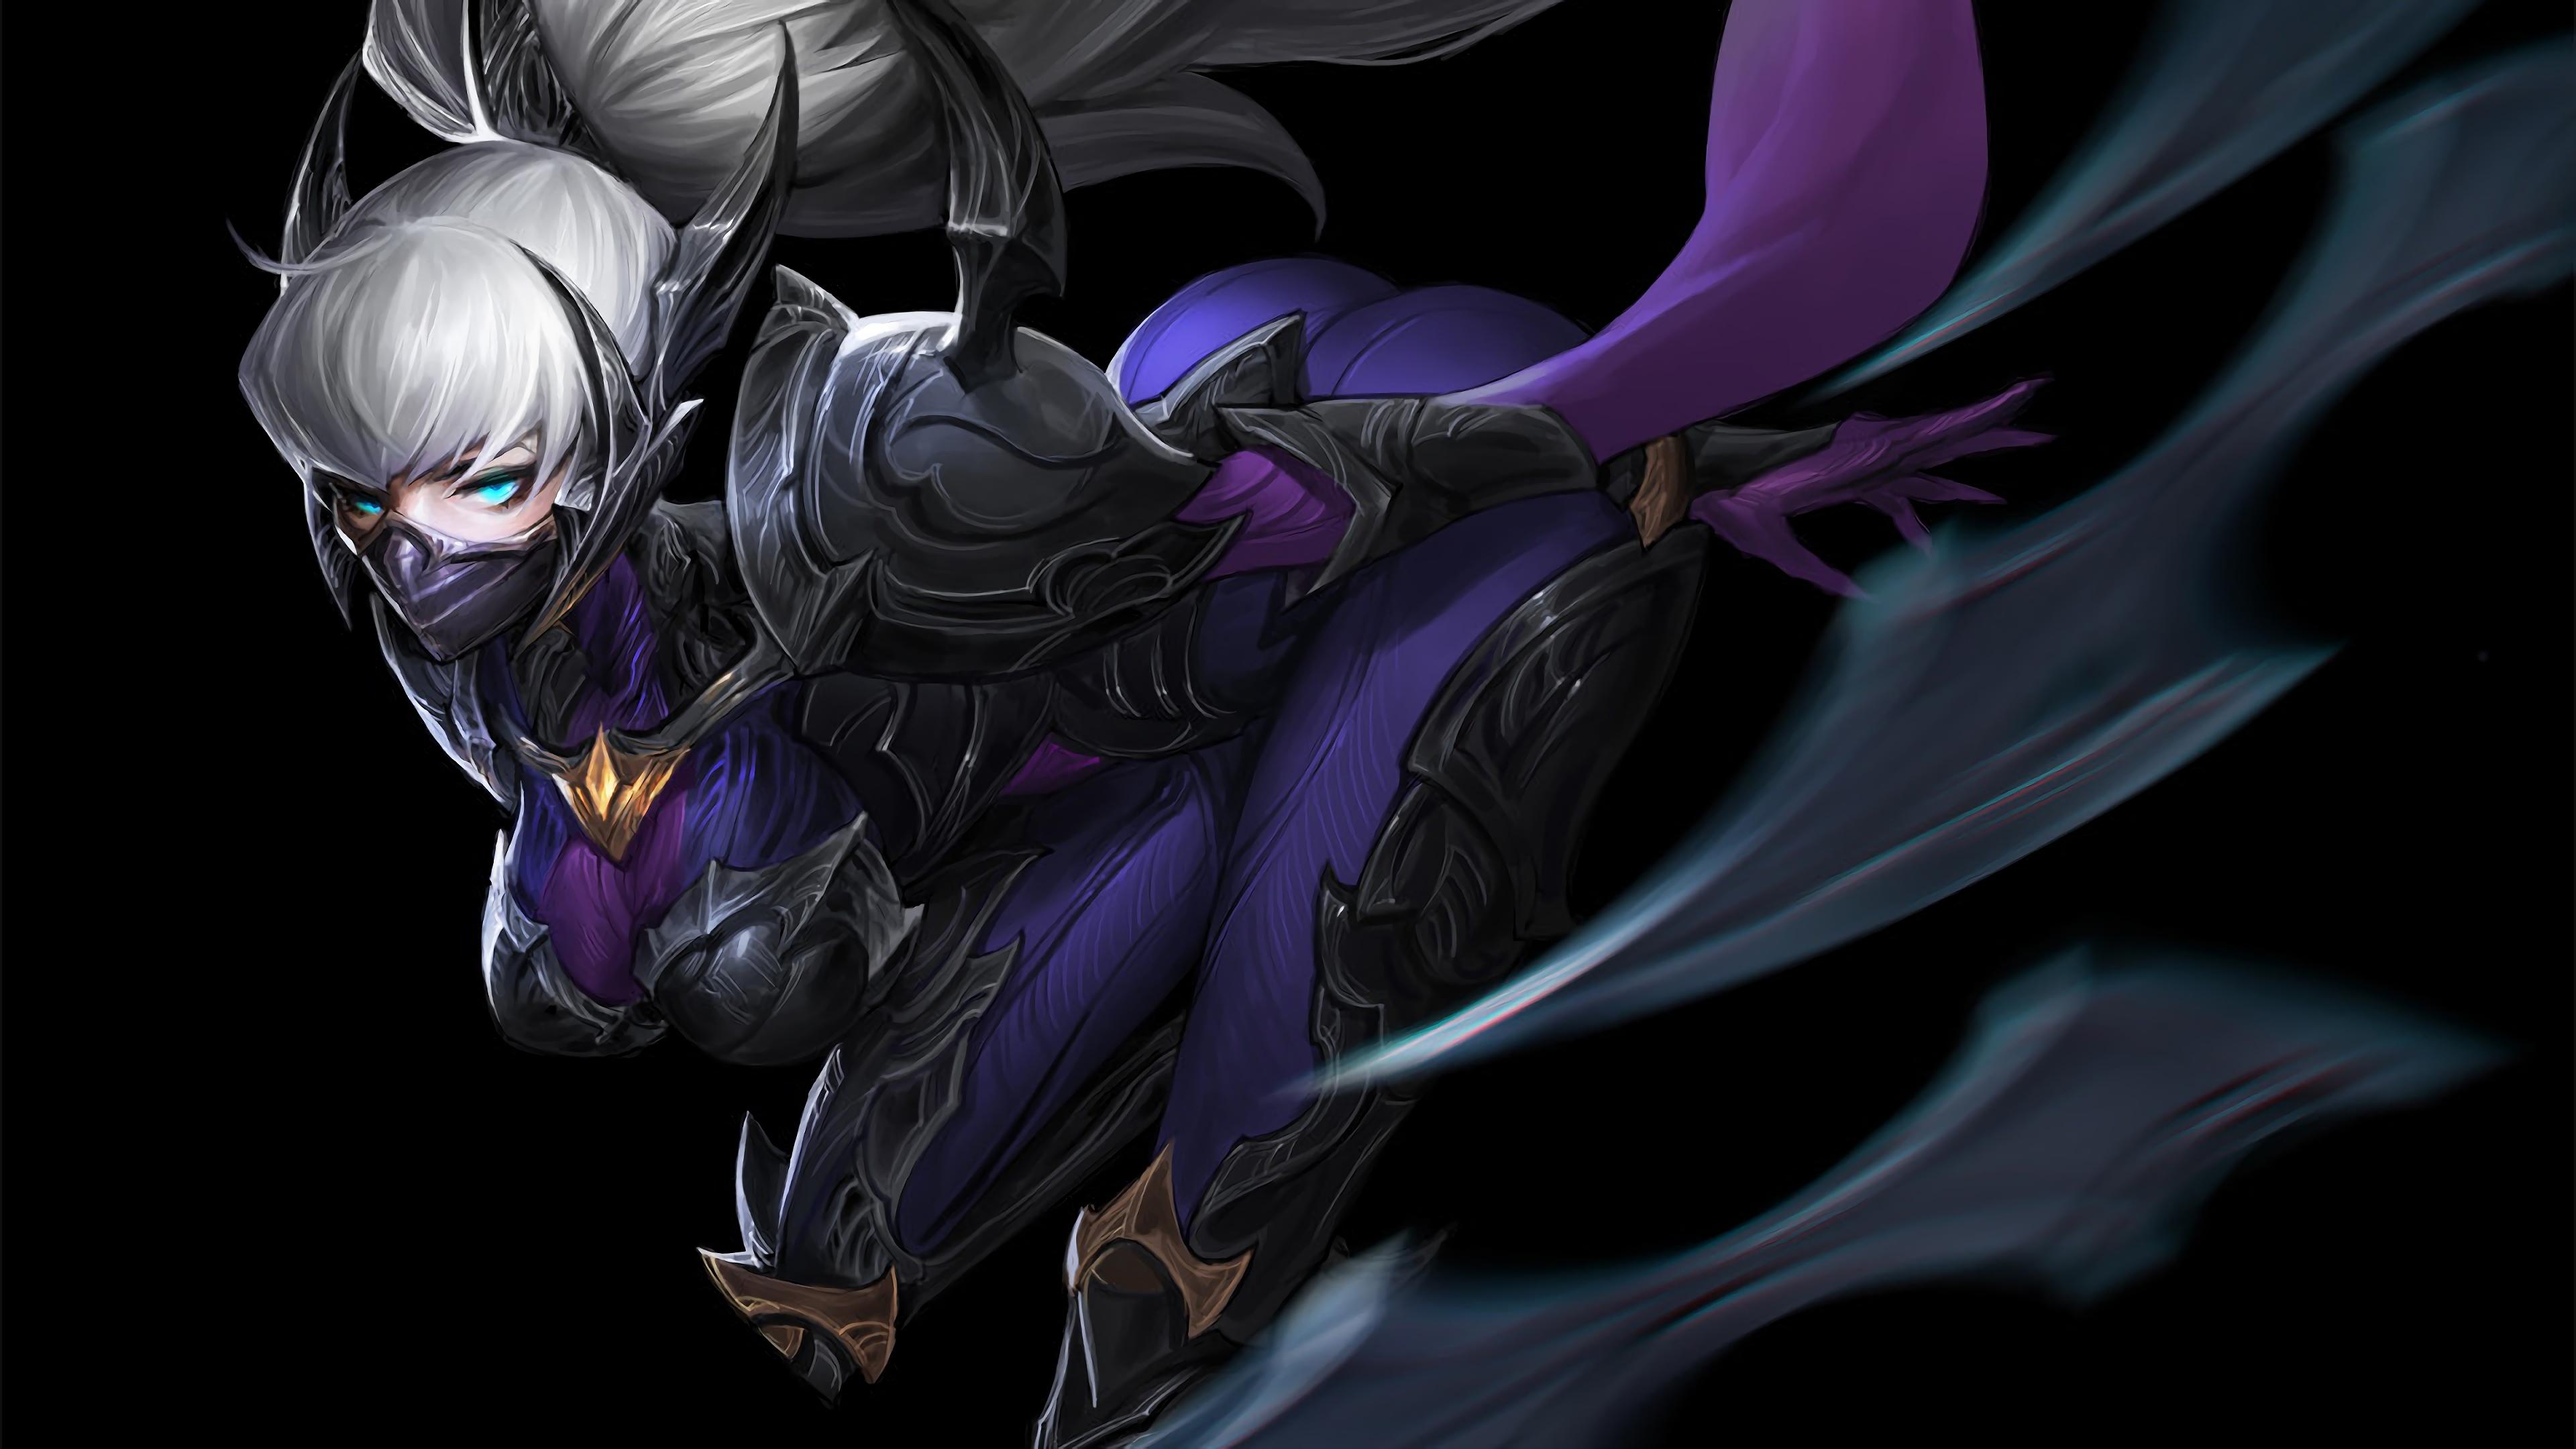 Irelia Nightblade Rework Fanart 3840x2160 Download Hd Wallpaper Wallpapertip